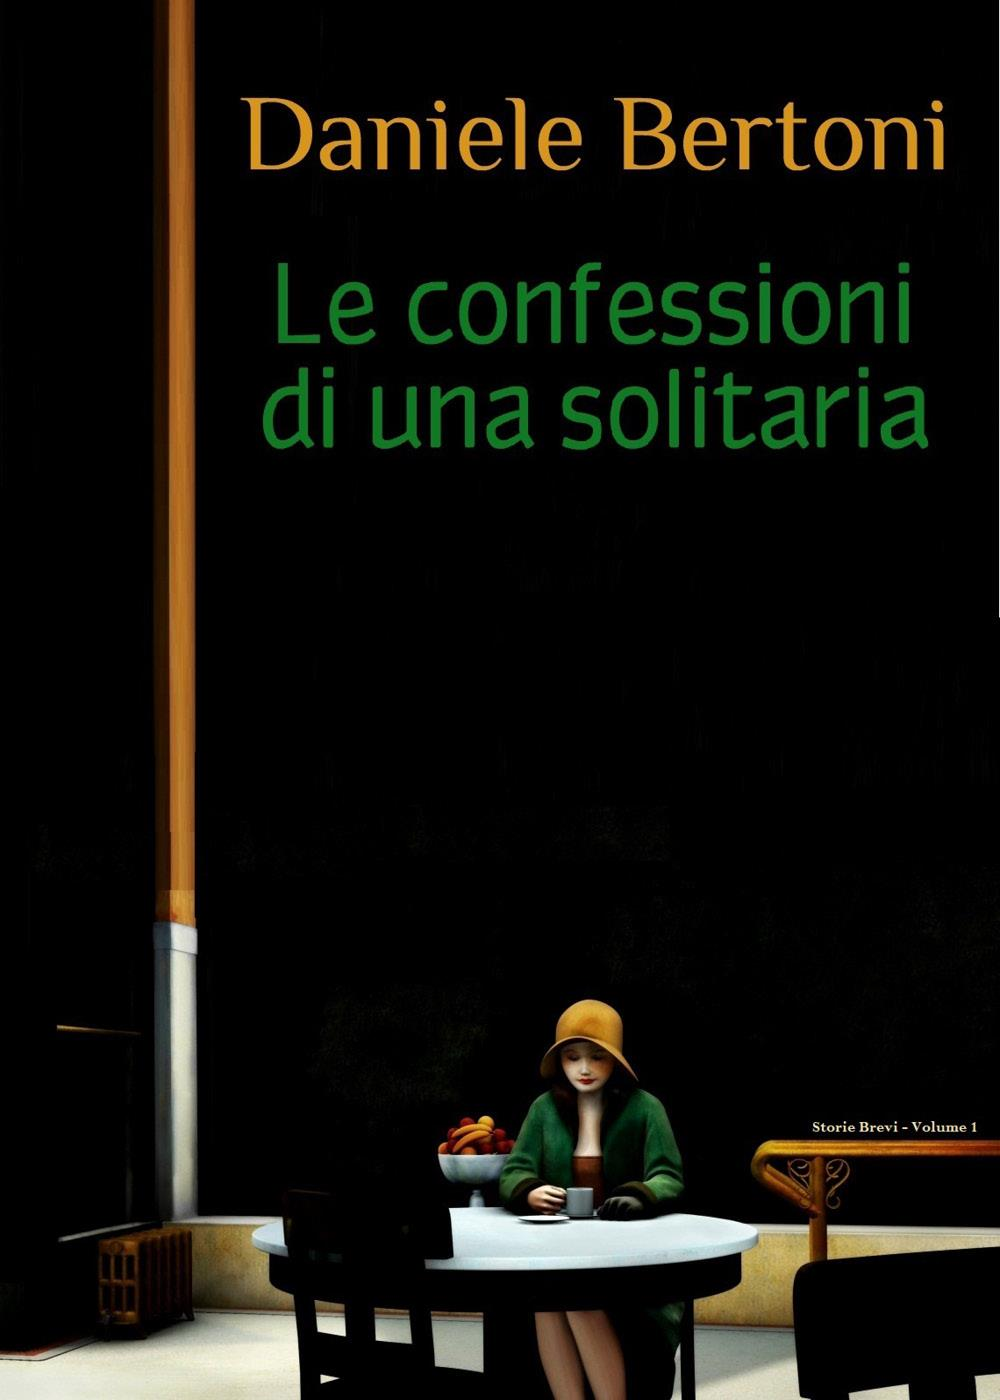 Confessioni di una solitaria